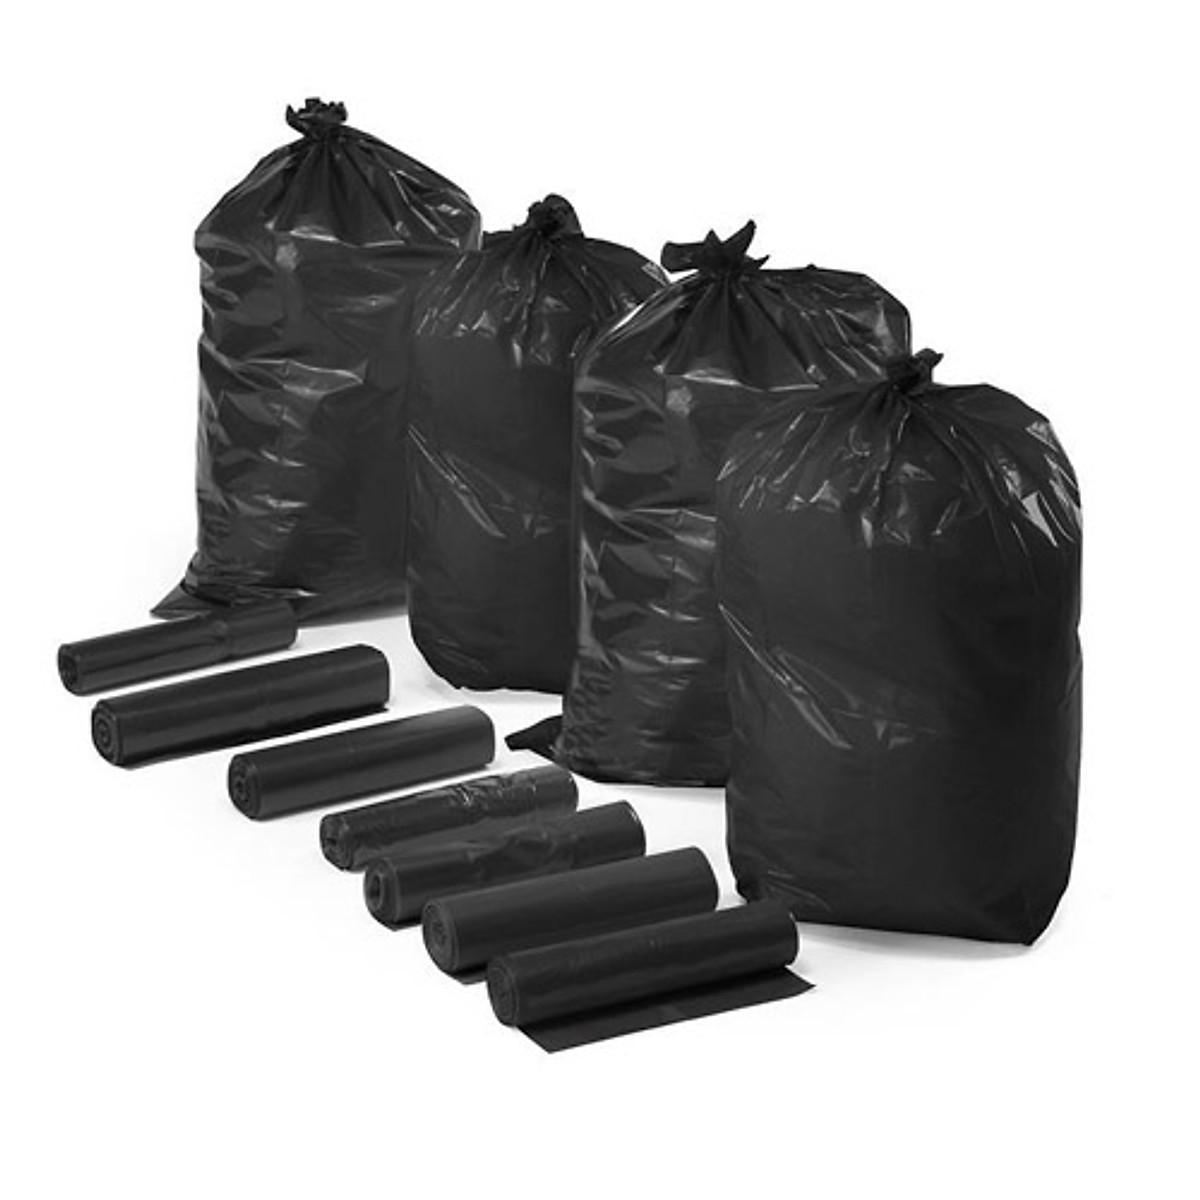 Combo 9 cuộn Túi đựng rác văn phòng, Bao đựng rác trường học tiện lợi màu đen size trung 55x65